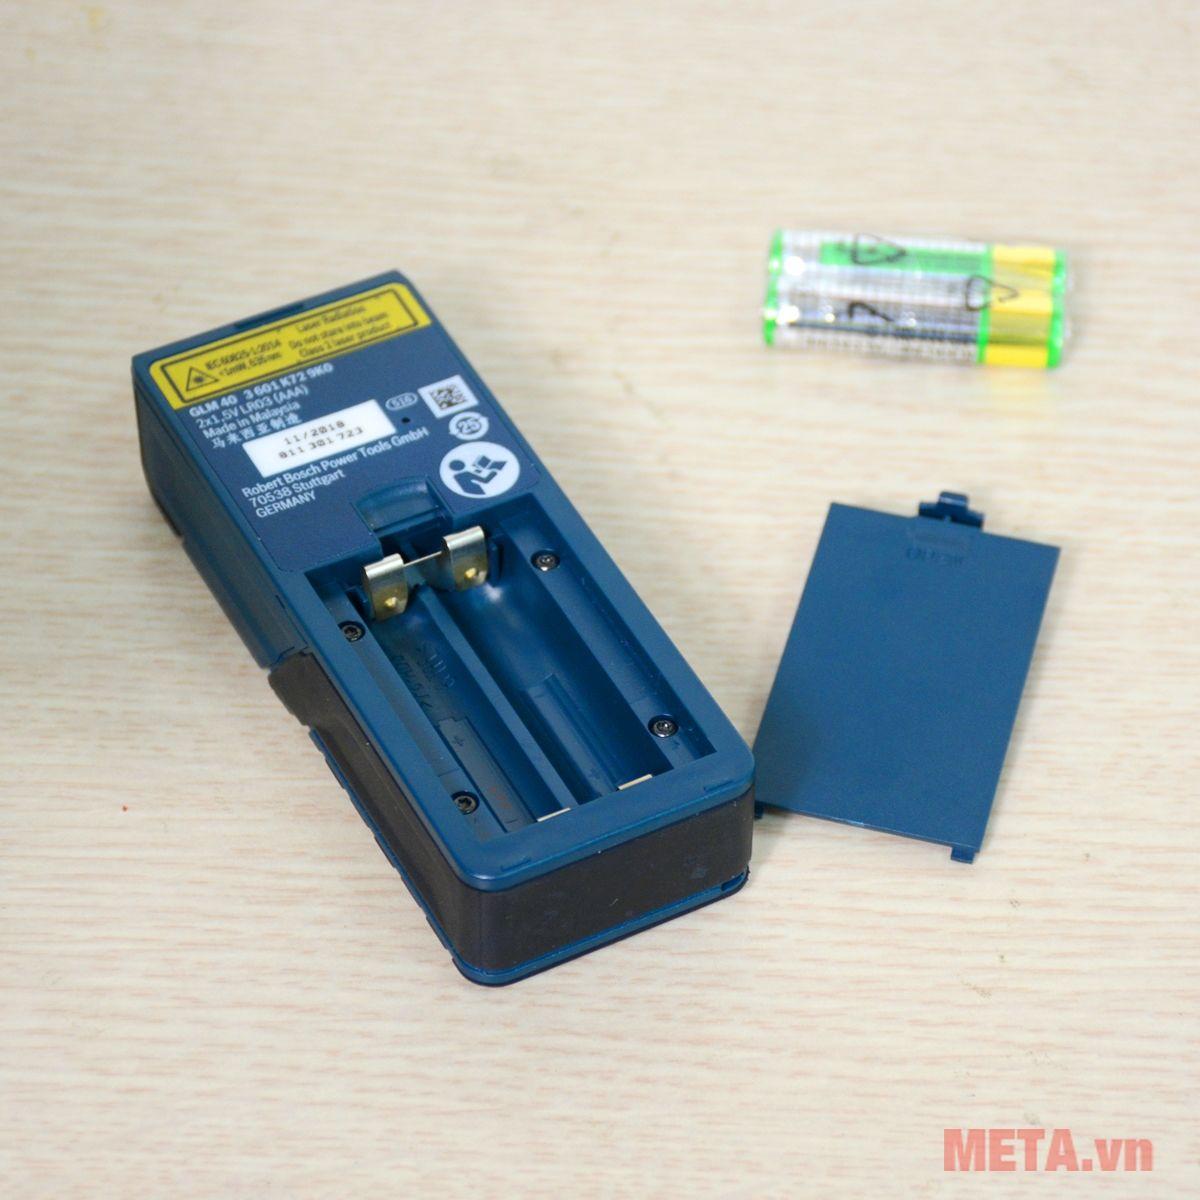 Máy đo khoảng cách laser Bosch GLM 40 sử dụng 2 pin AAA 1.5V